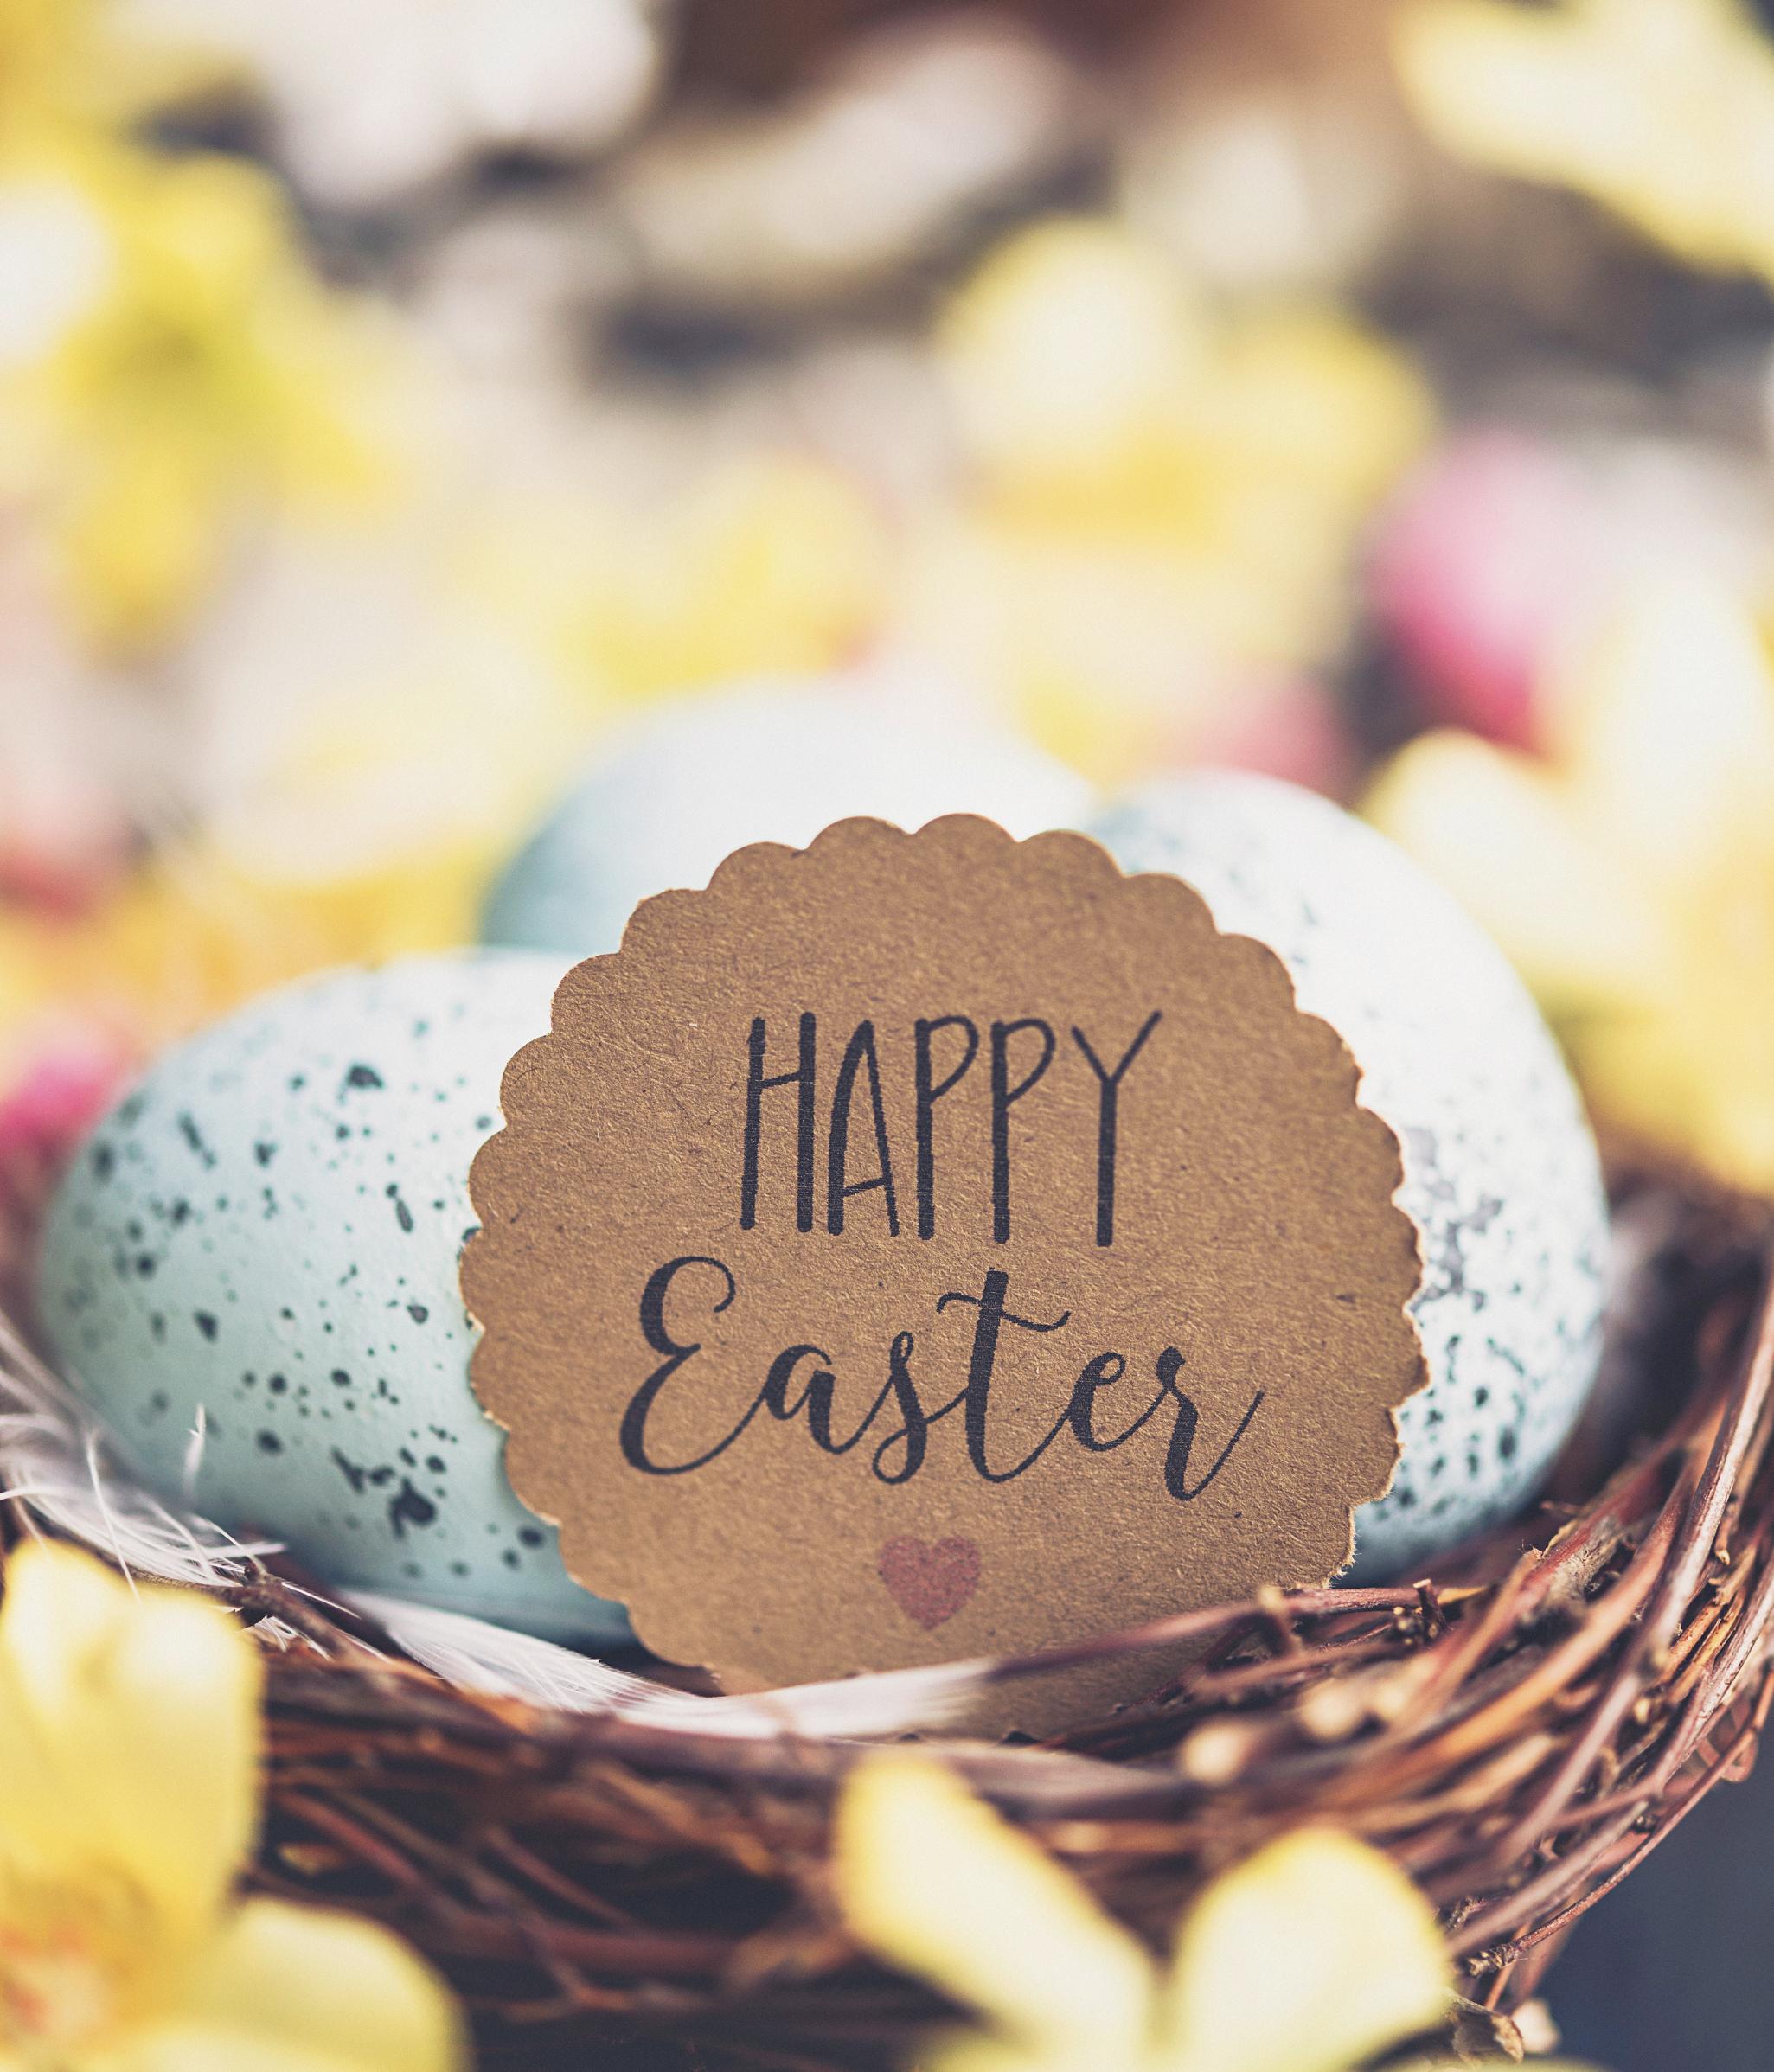 Happy Easter & Top 10